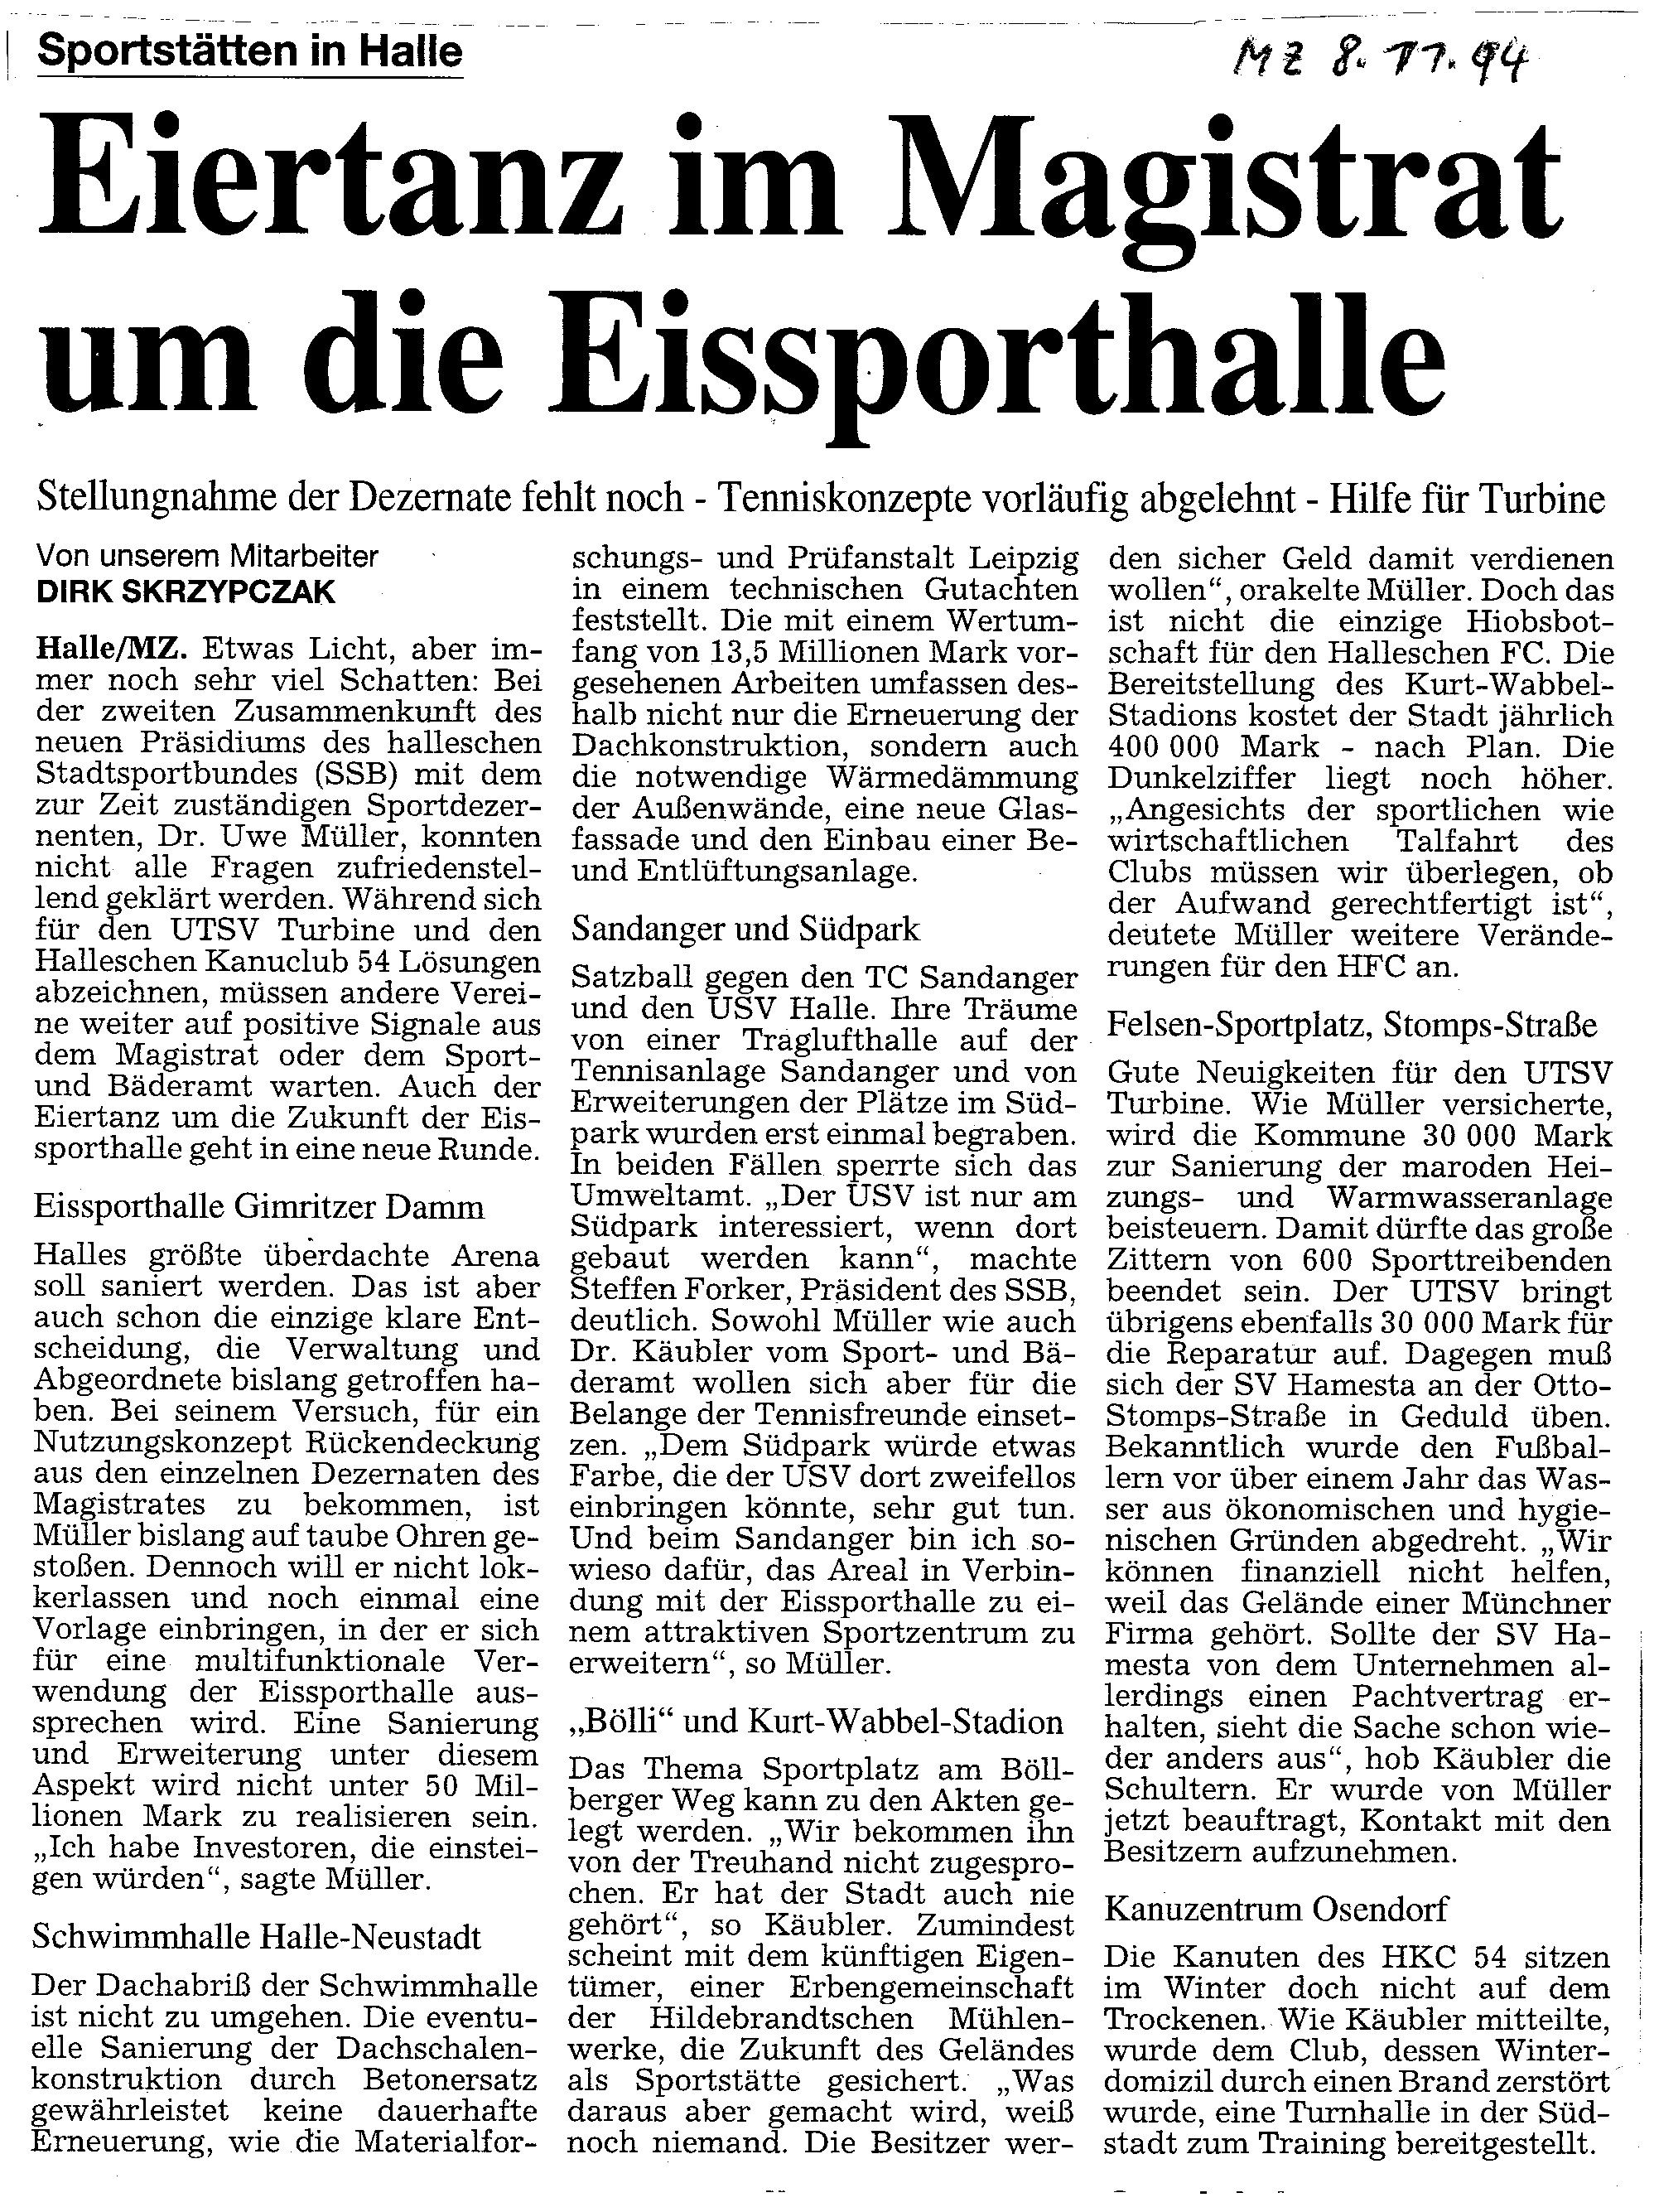 1994-11-08 MZ Eiertanz im Magistrat um die Eissporthalle